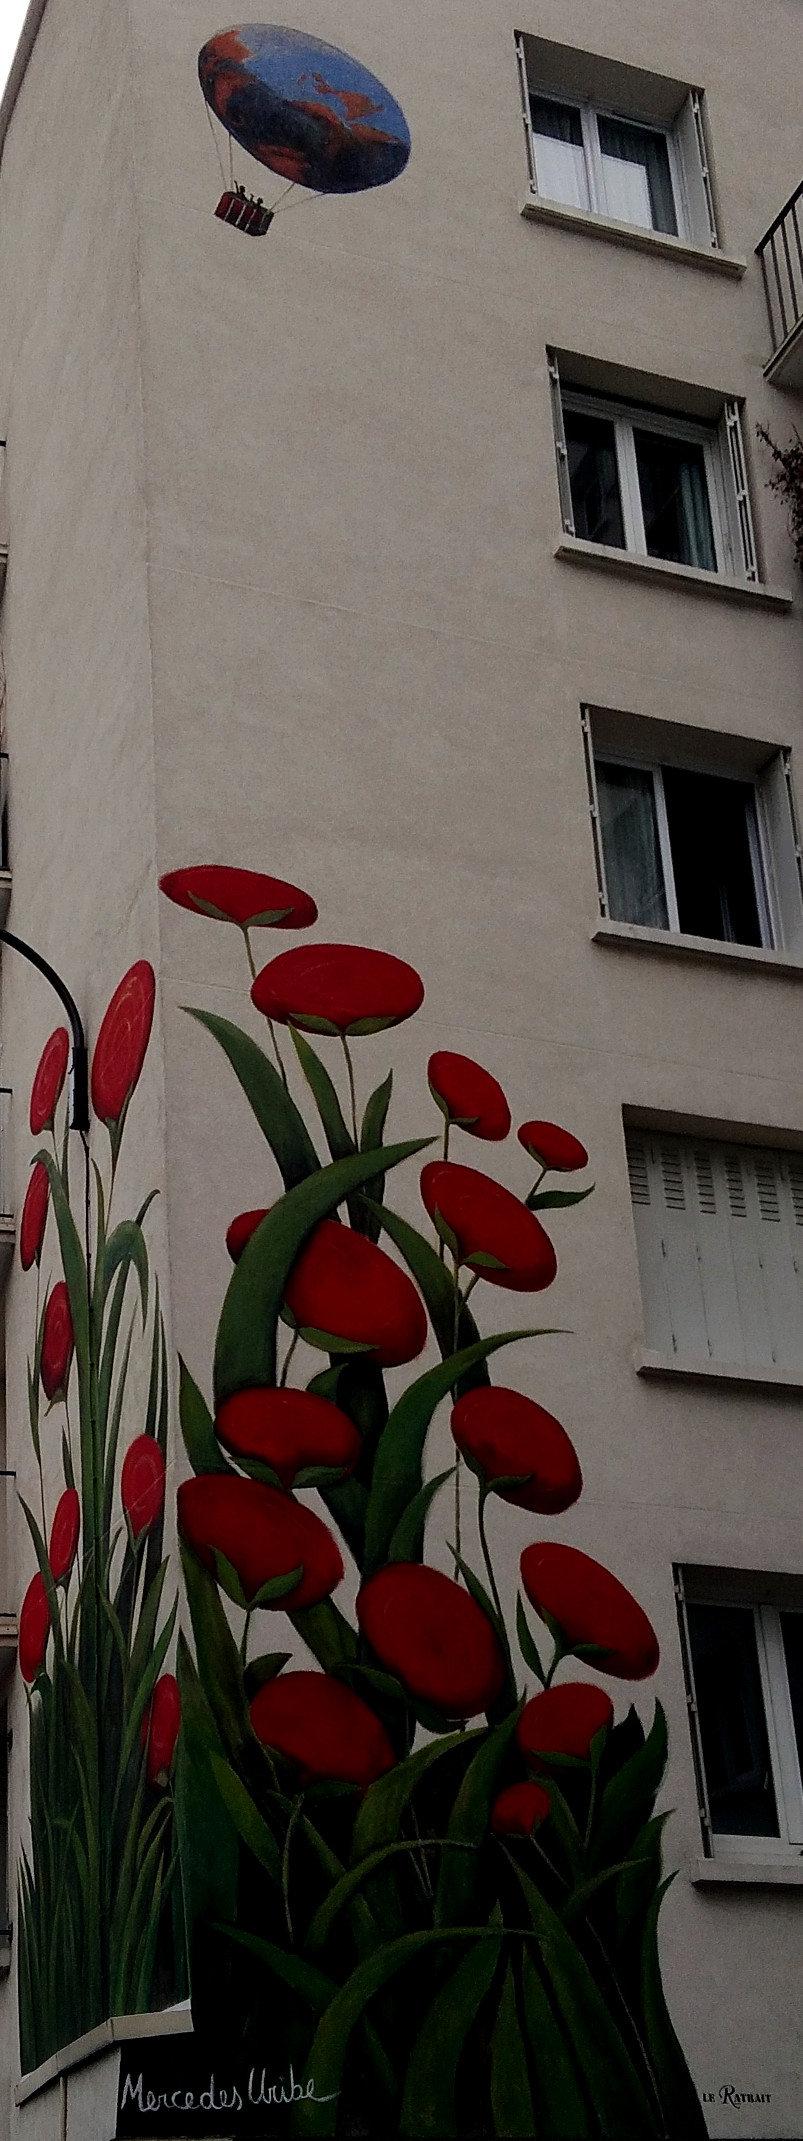 Street Art, 10 rue du Retrait, 20th Arrondissement, Paris, France